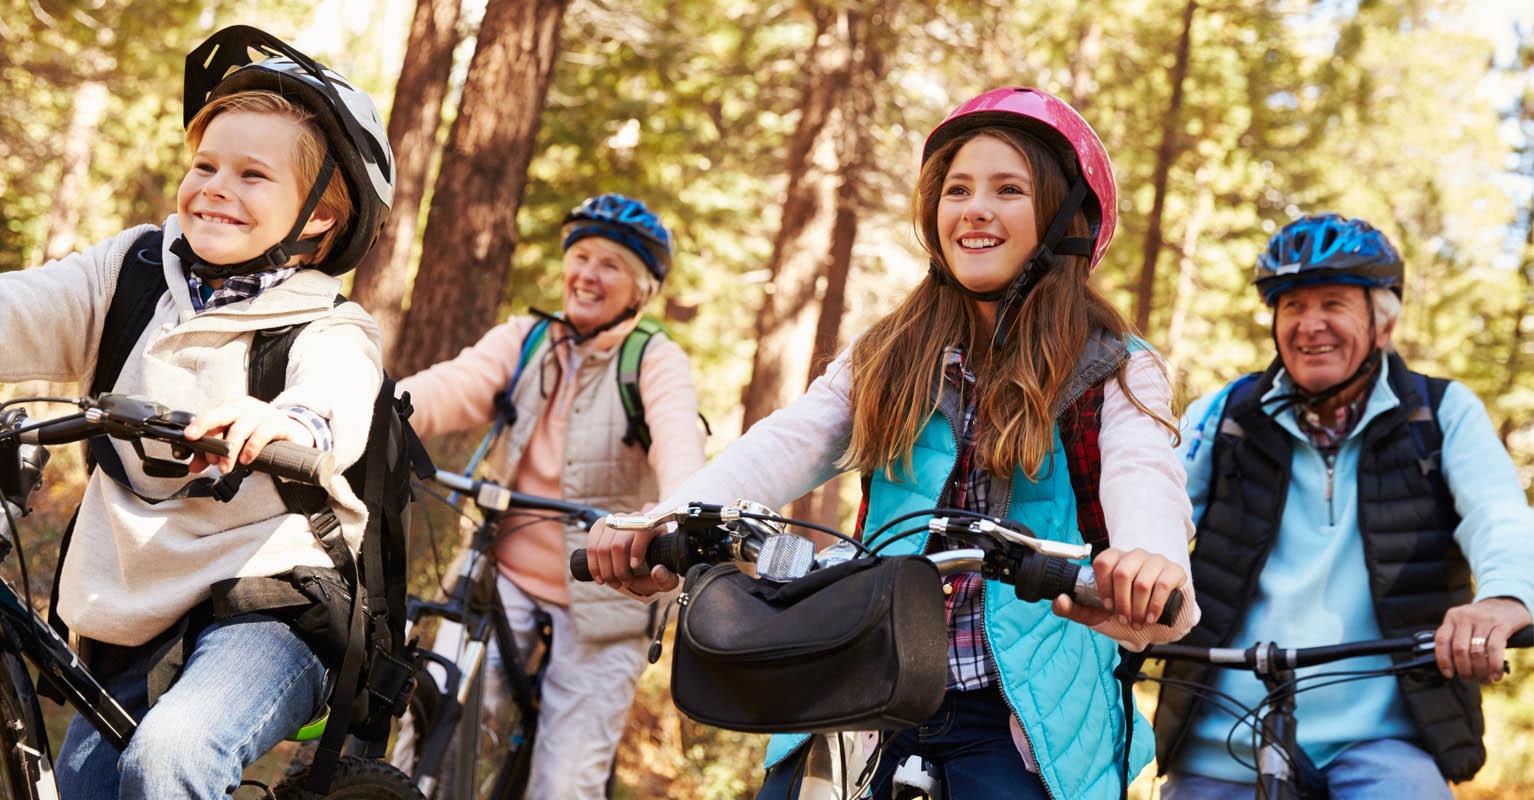 Life Insurance For Children American Family Insurance